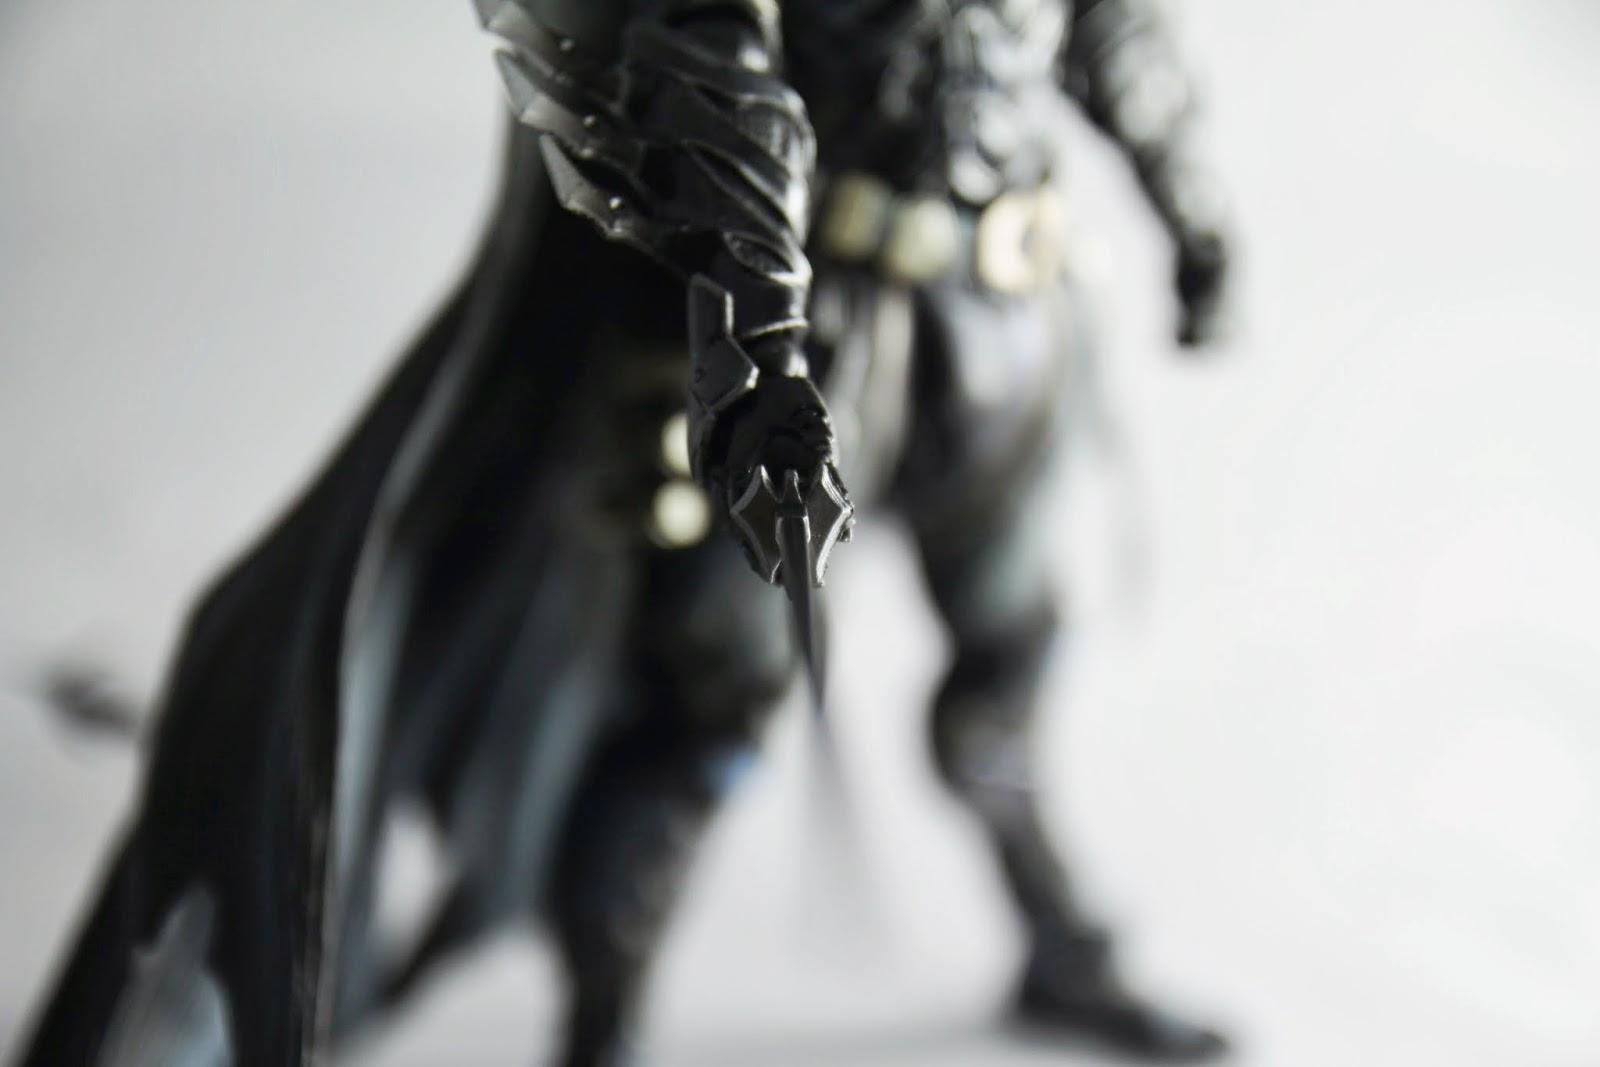 刀柄護手是蝙蝠的造型